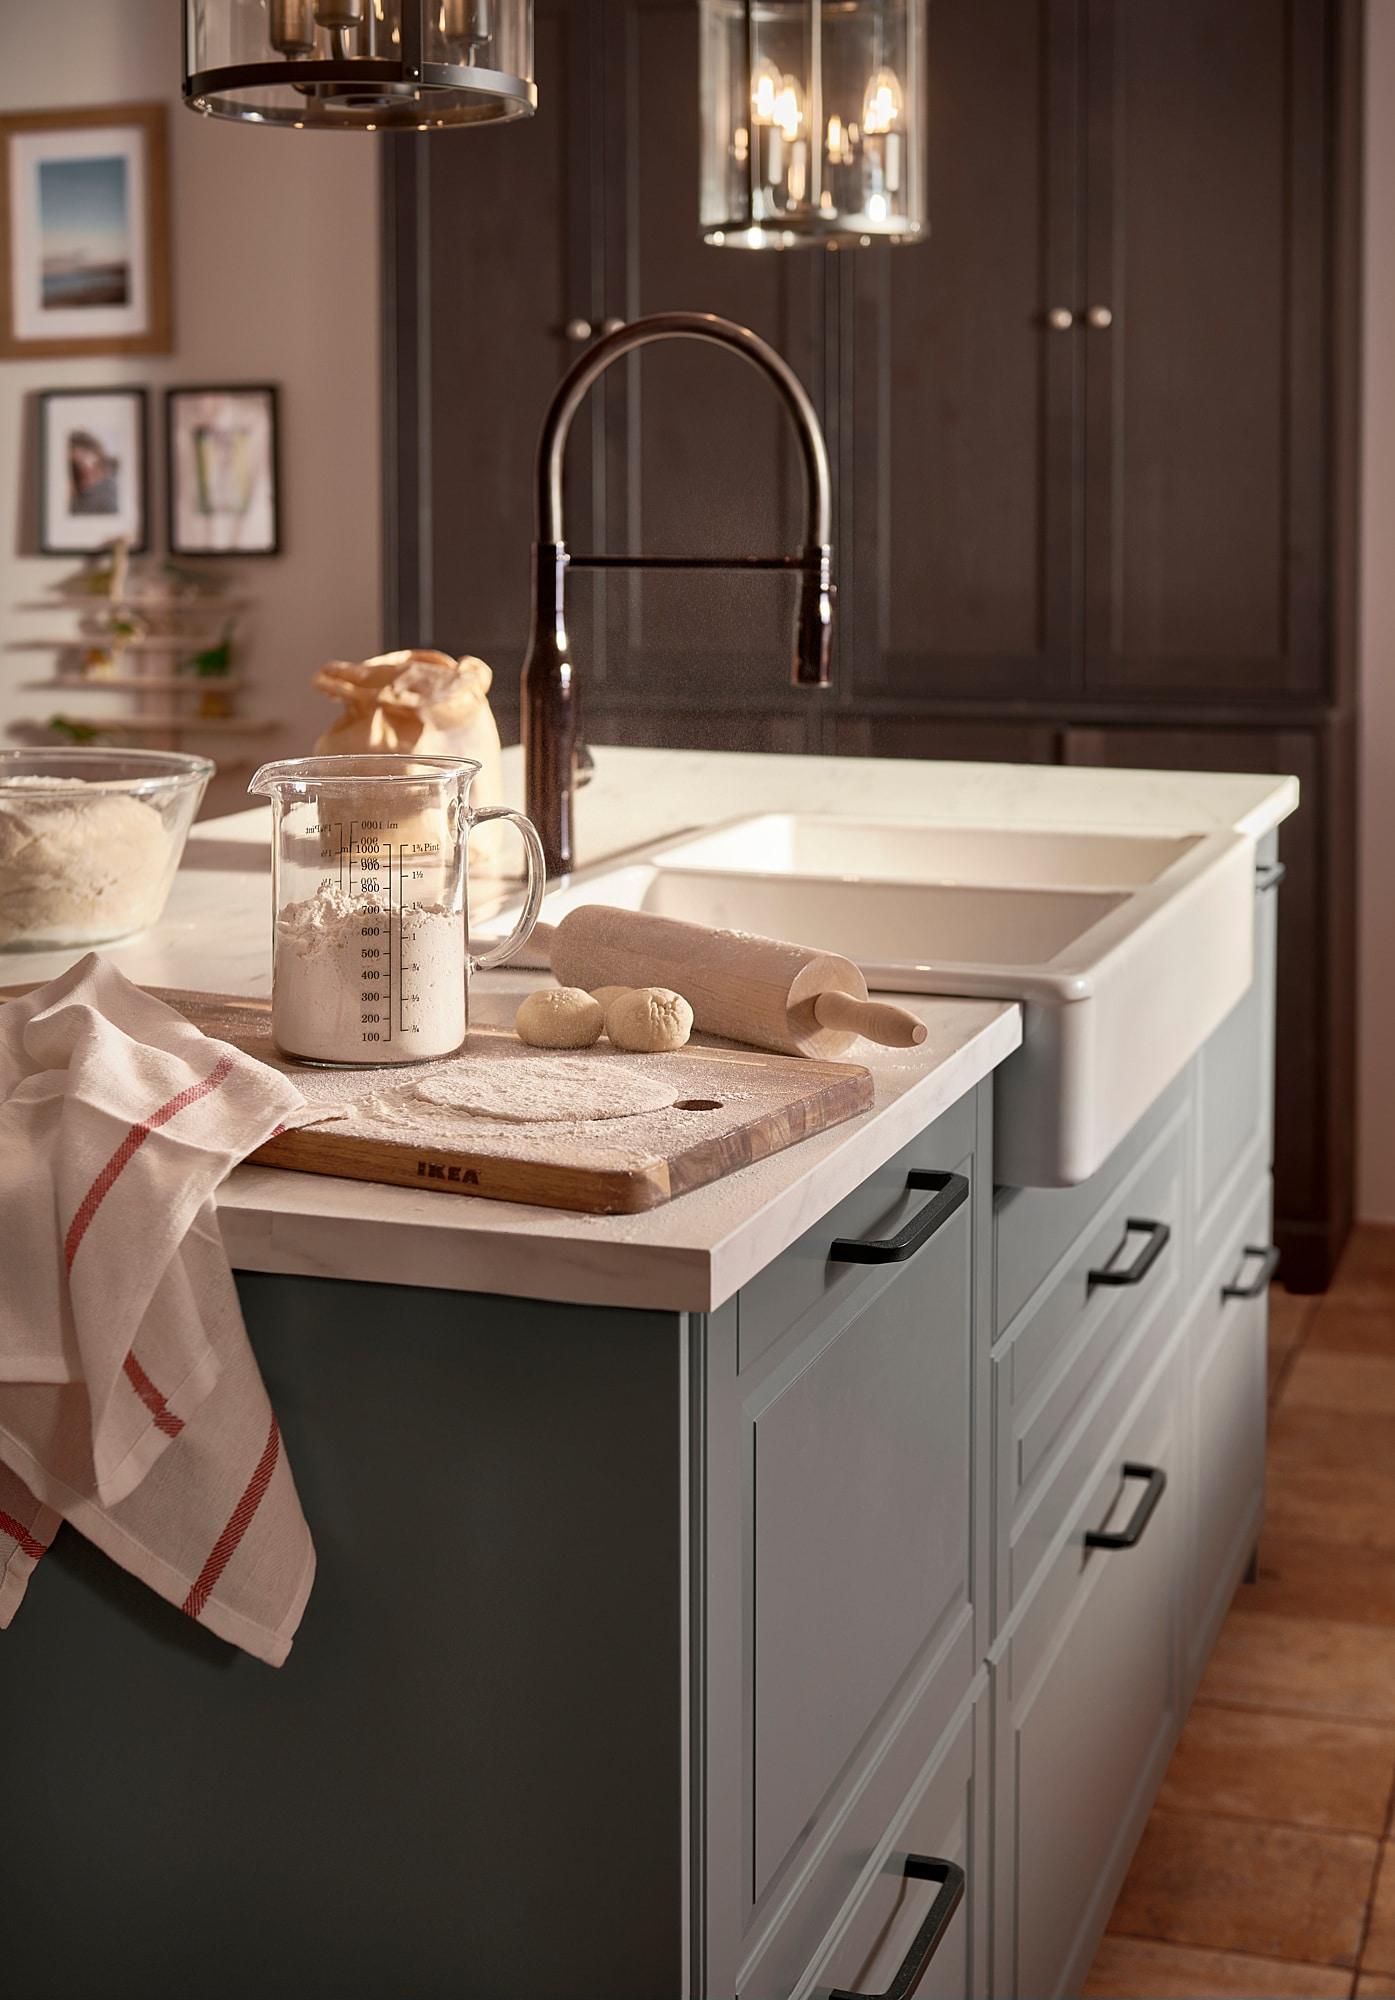 TOLLSJÖN Keukenmengkraan & handdouche, zwart gepolijst metaal